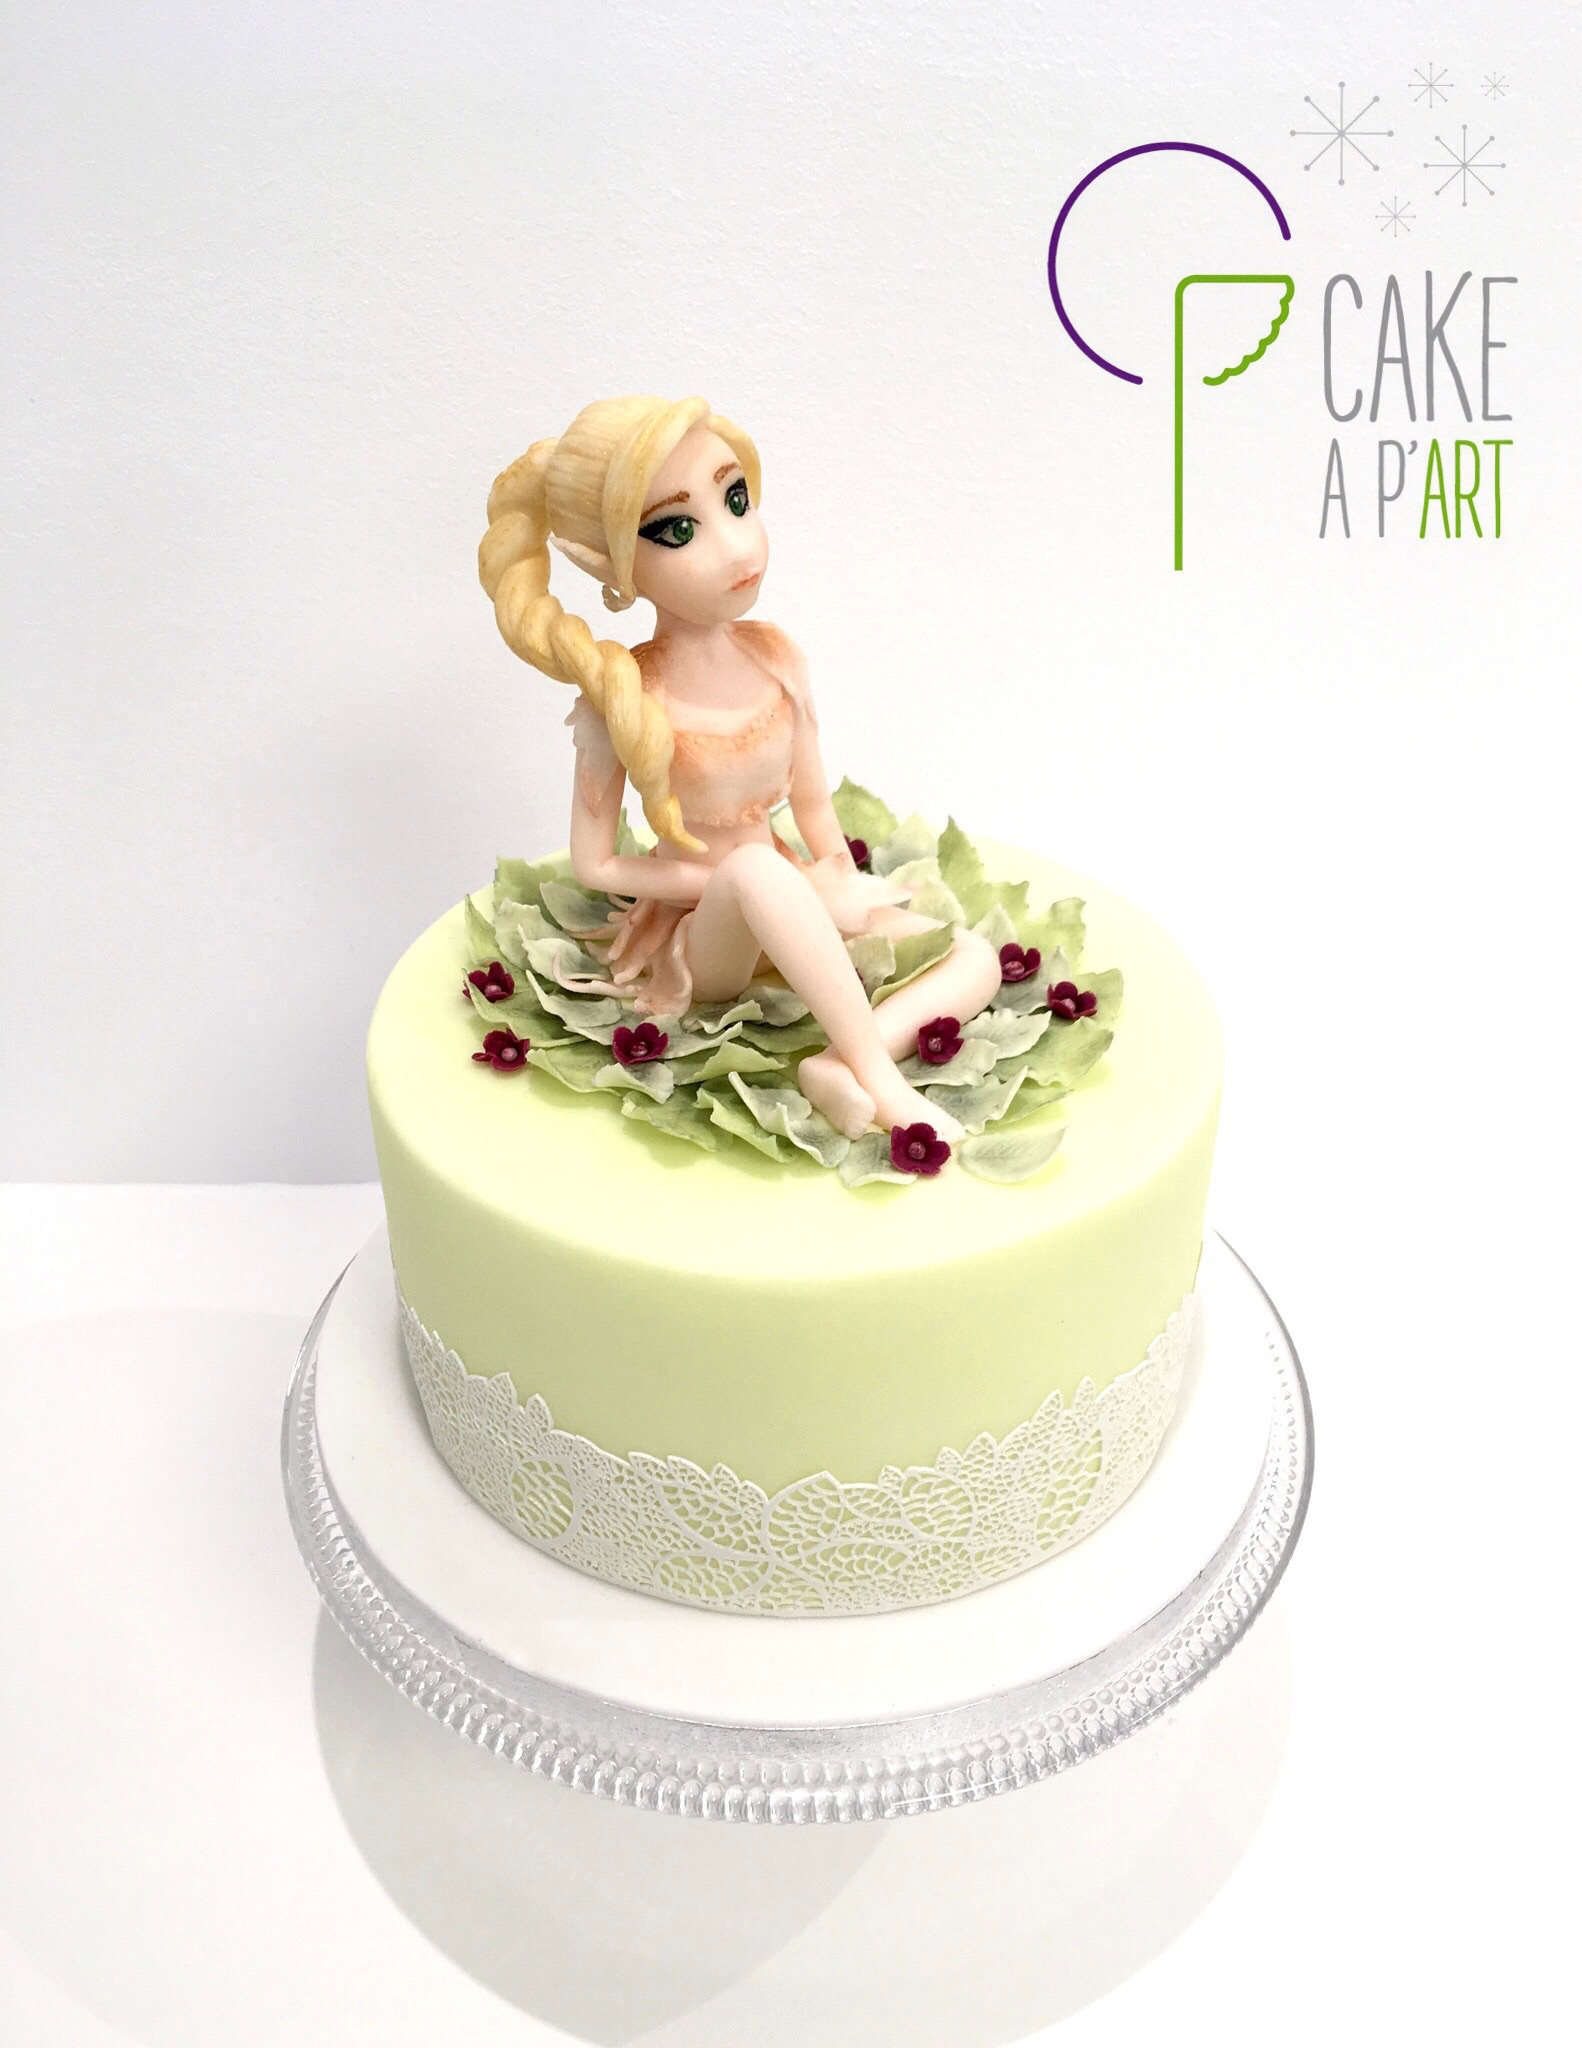 Gâteau Anniversaire - Fée -Cakeapart